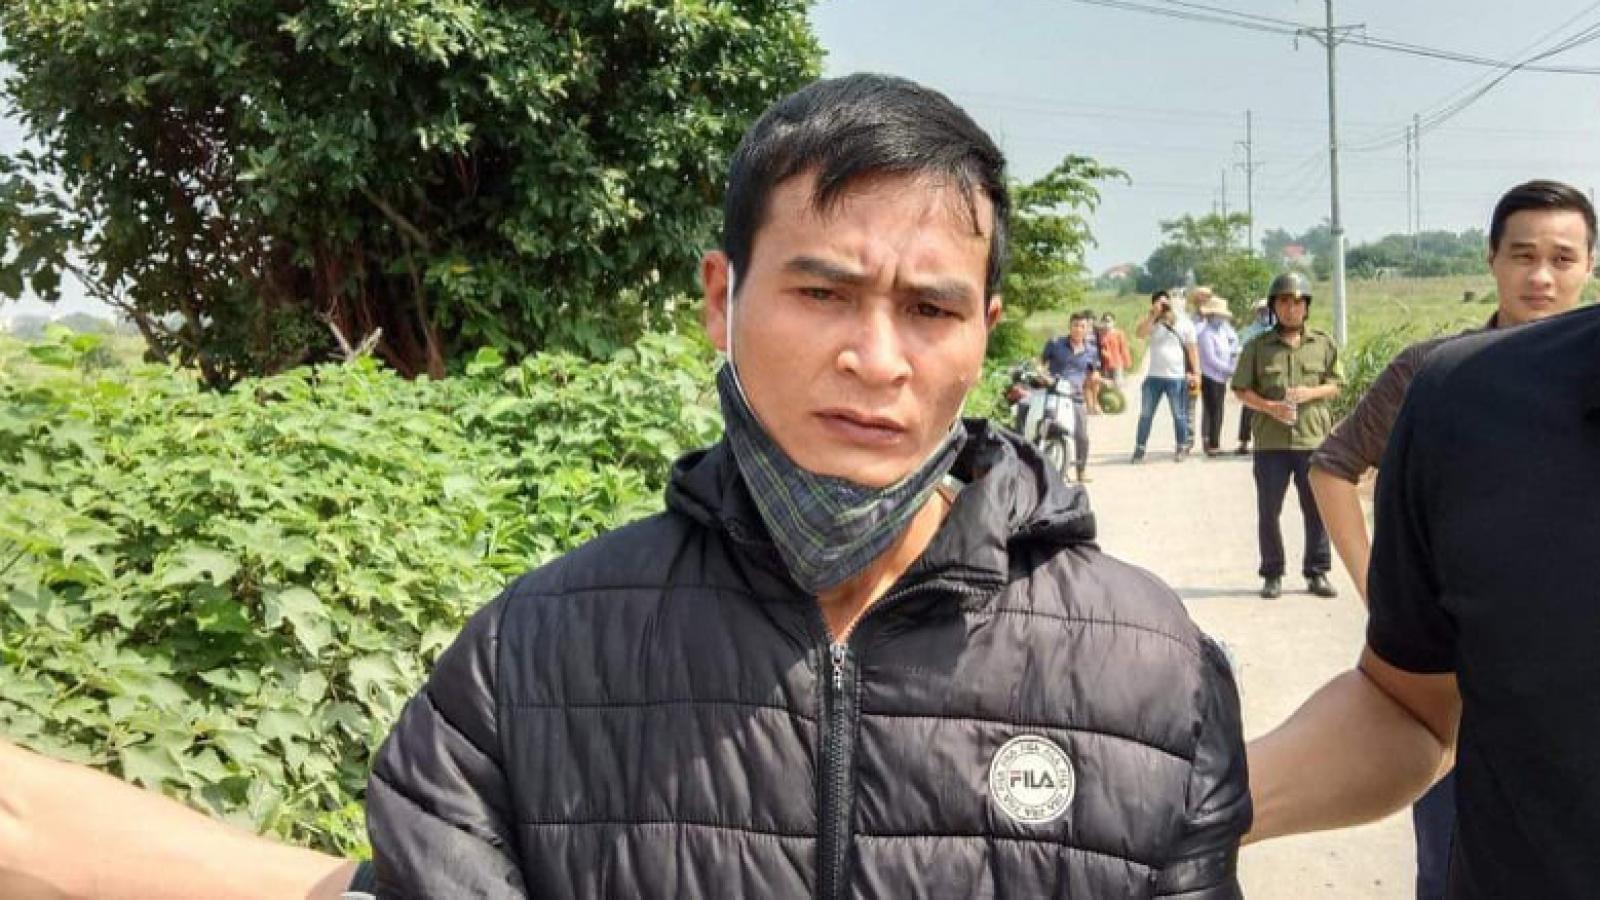 Nóng 24h: Truy bắt đối tượng còn lại vụ sát hại nữ sinh Học viện Ngân hàng